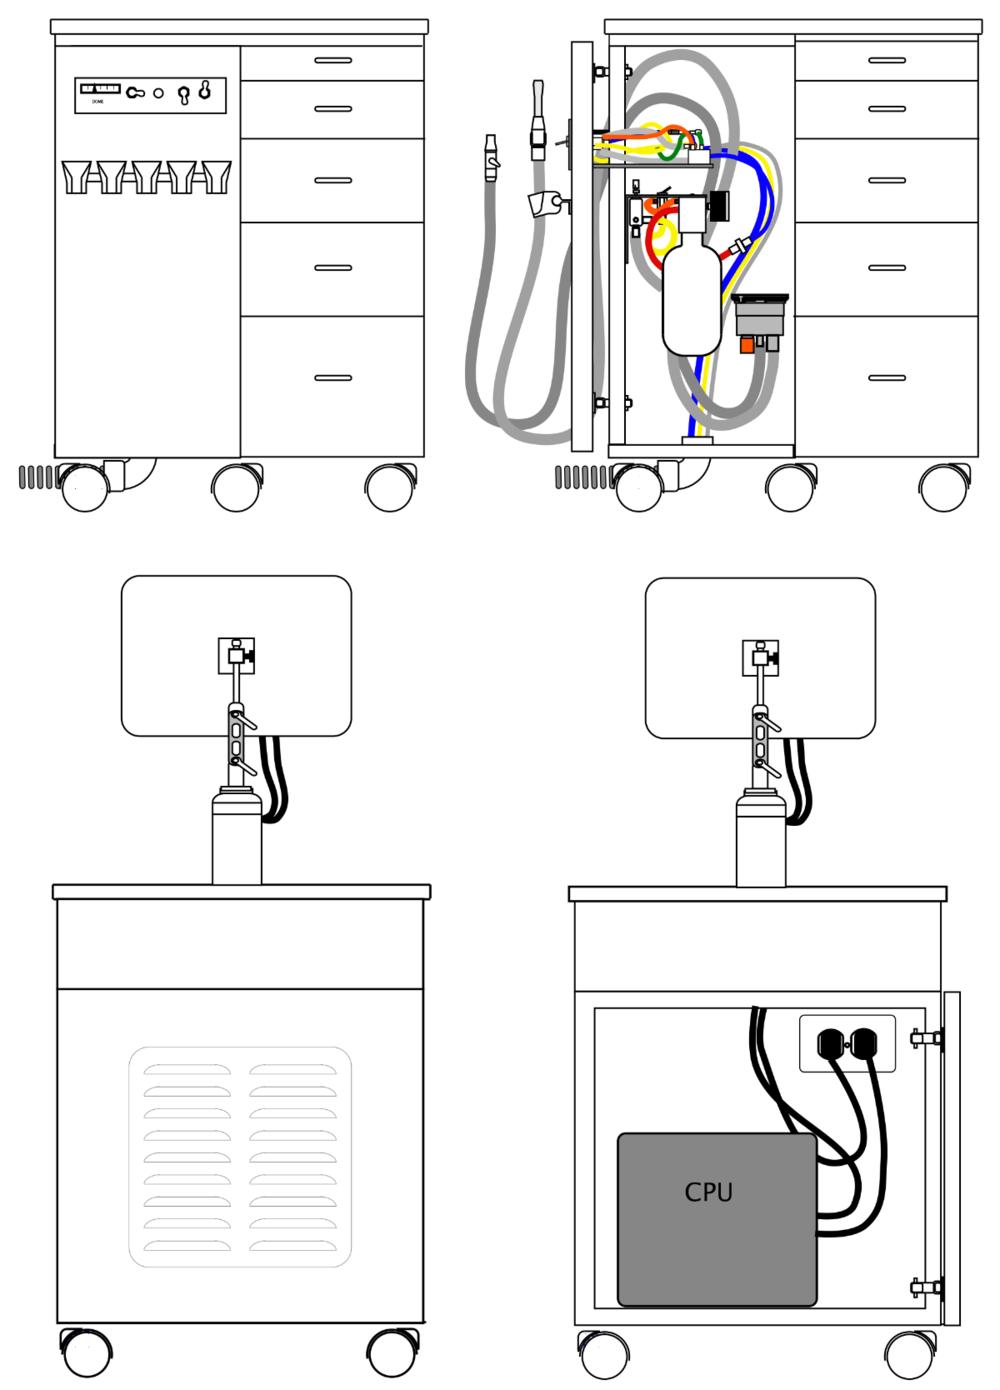 Access door for utilities4.png